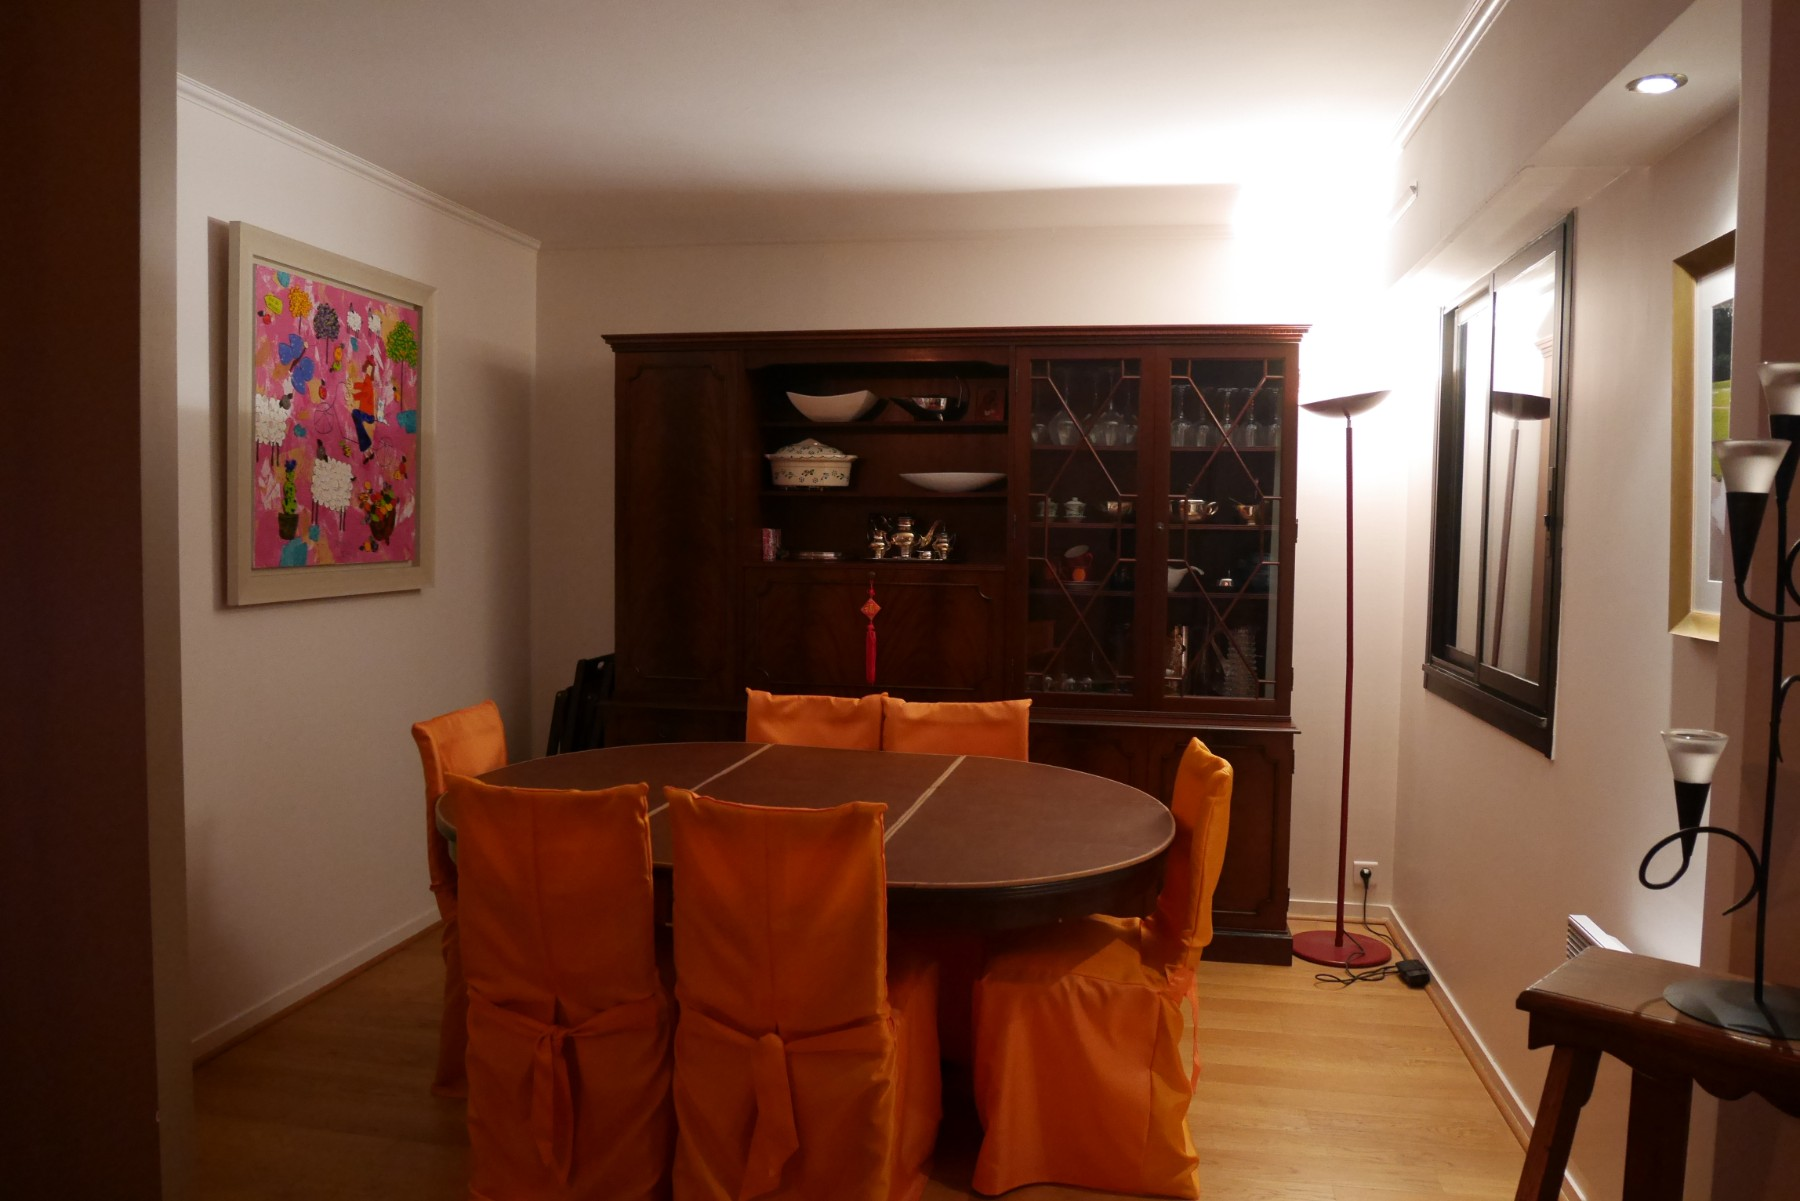 La salle à manger avant les travaux de rénovation par les architectes Archibien